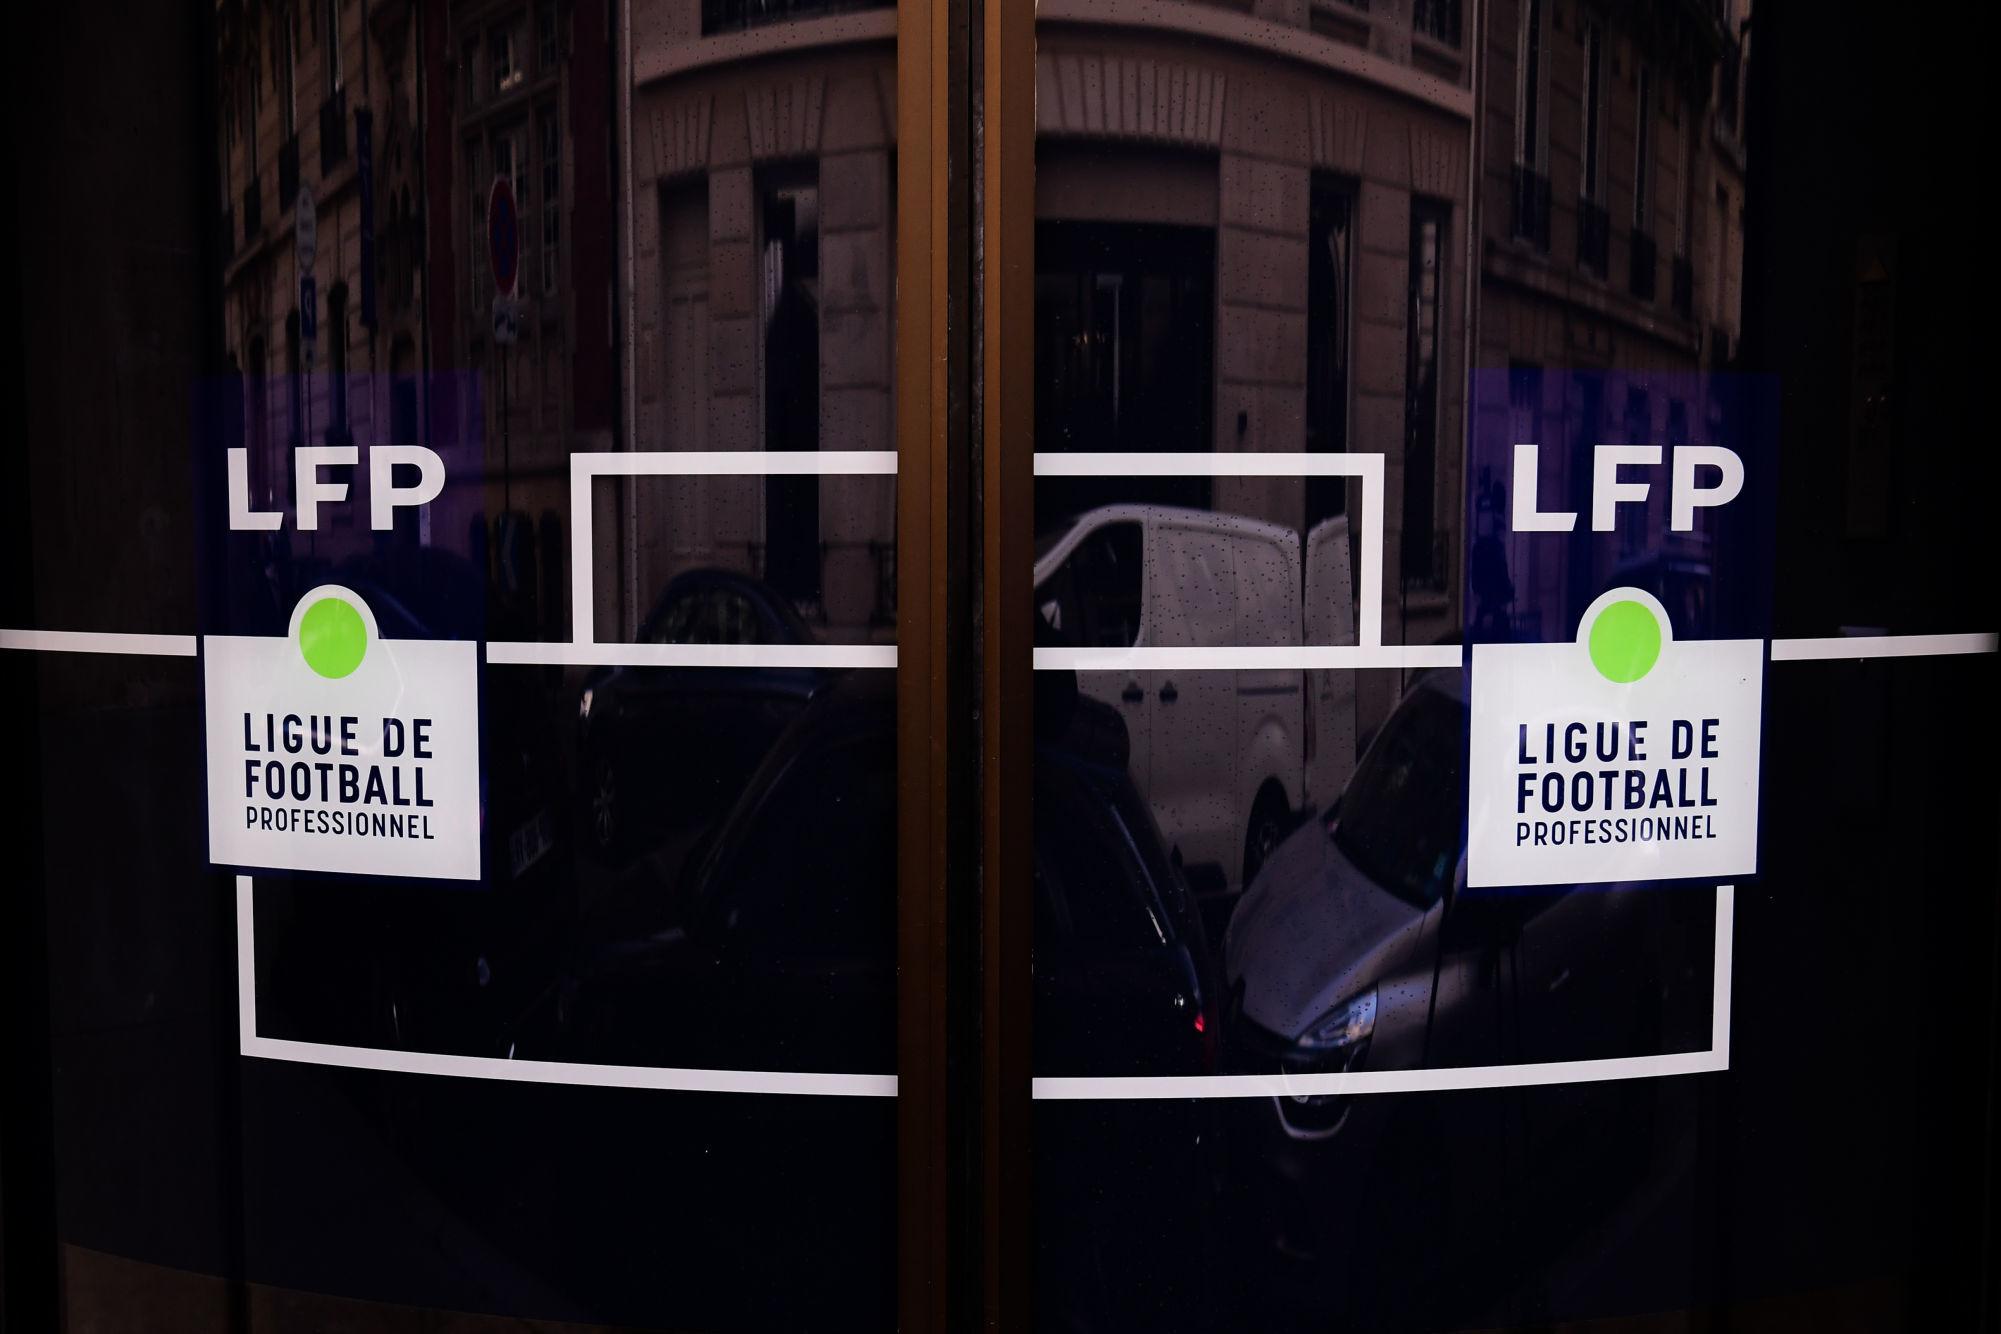 L1 - La LFP instaure une nouvelle règle importante